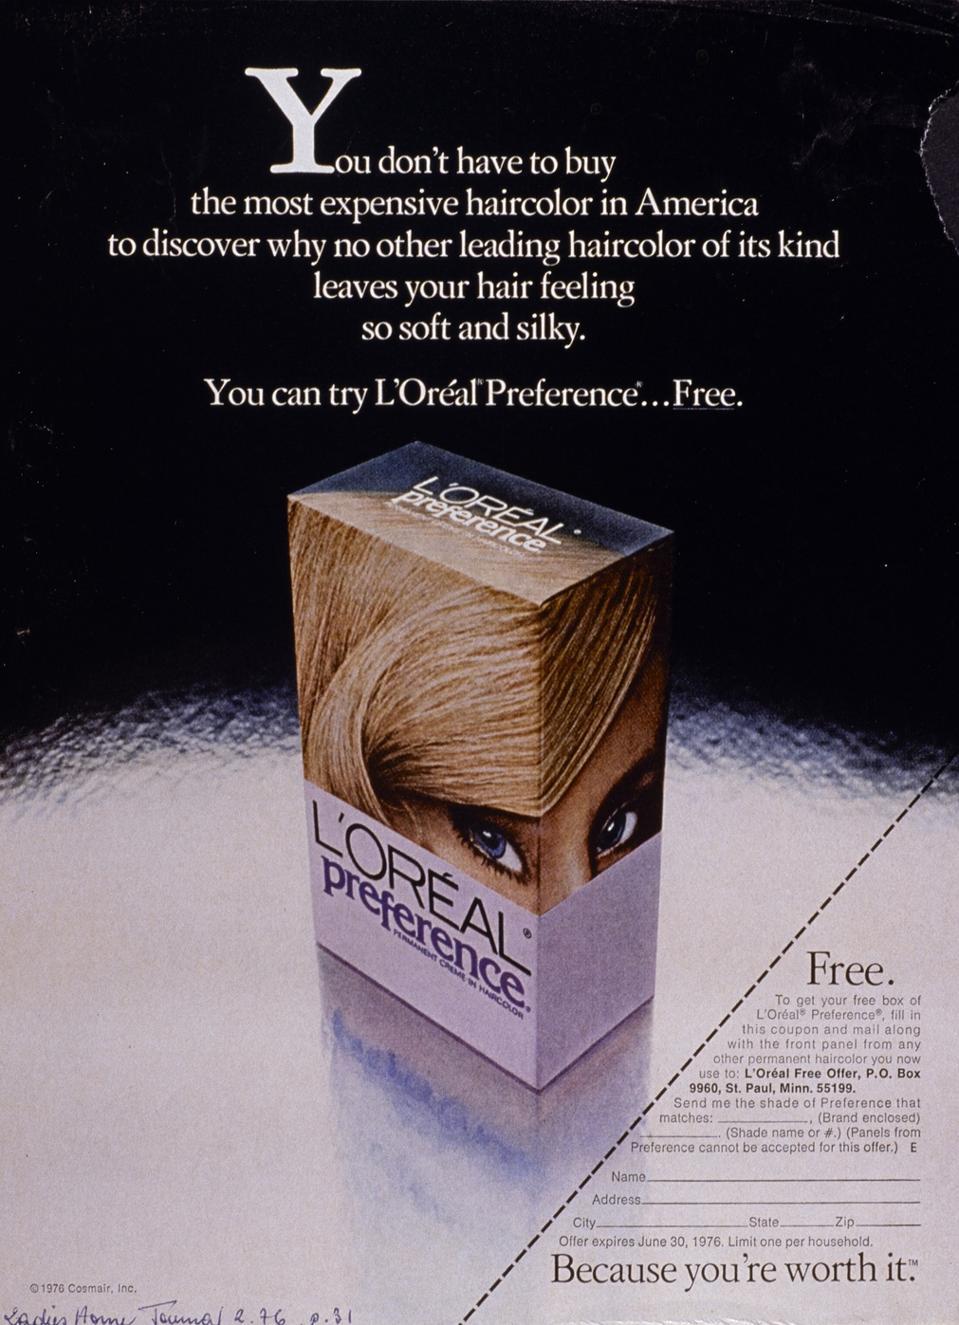 A vintage L'Oréal Paris ad from 1976